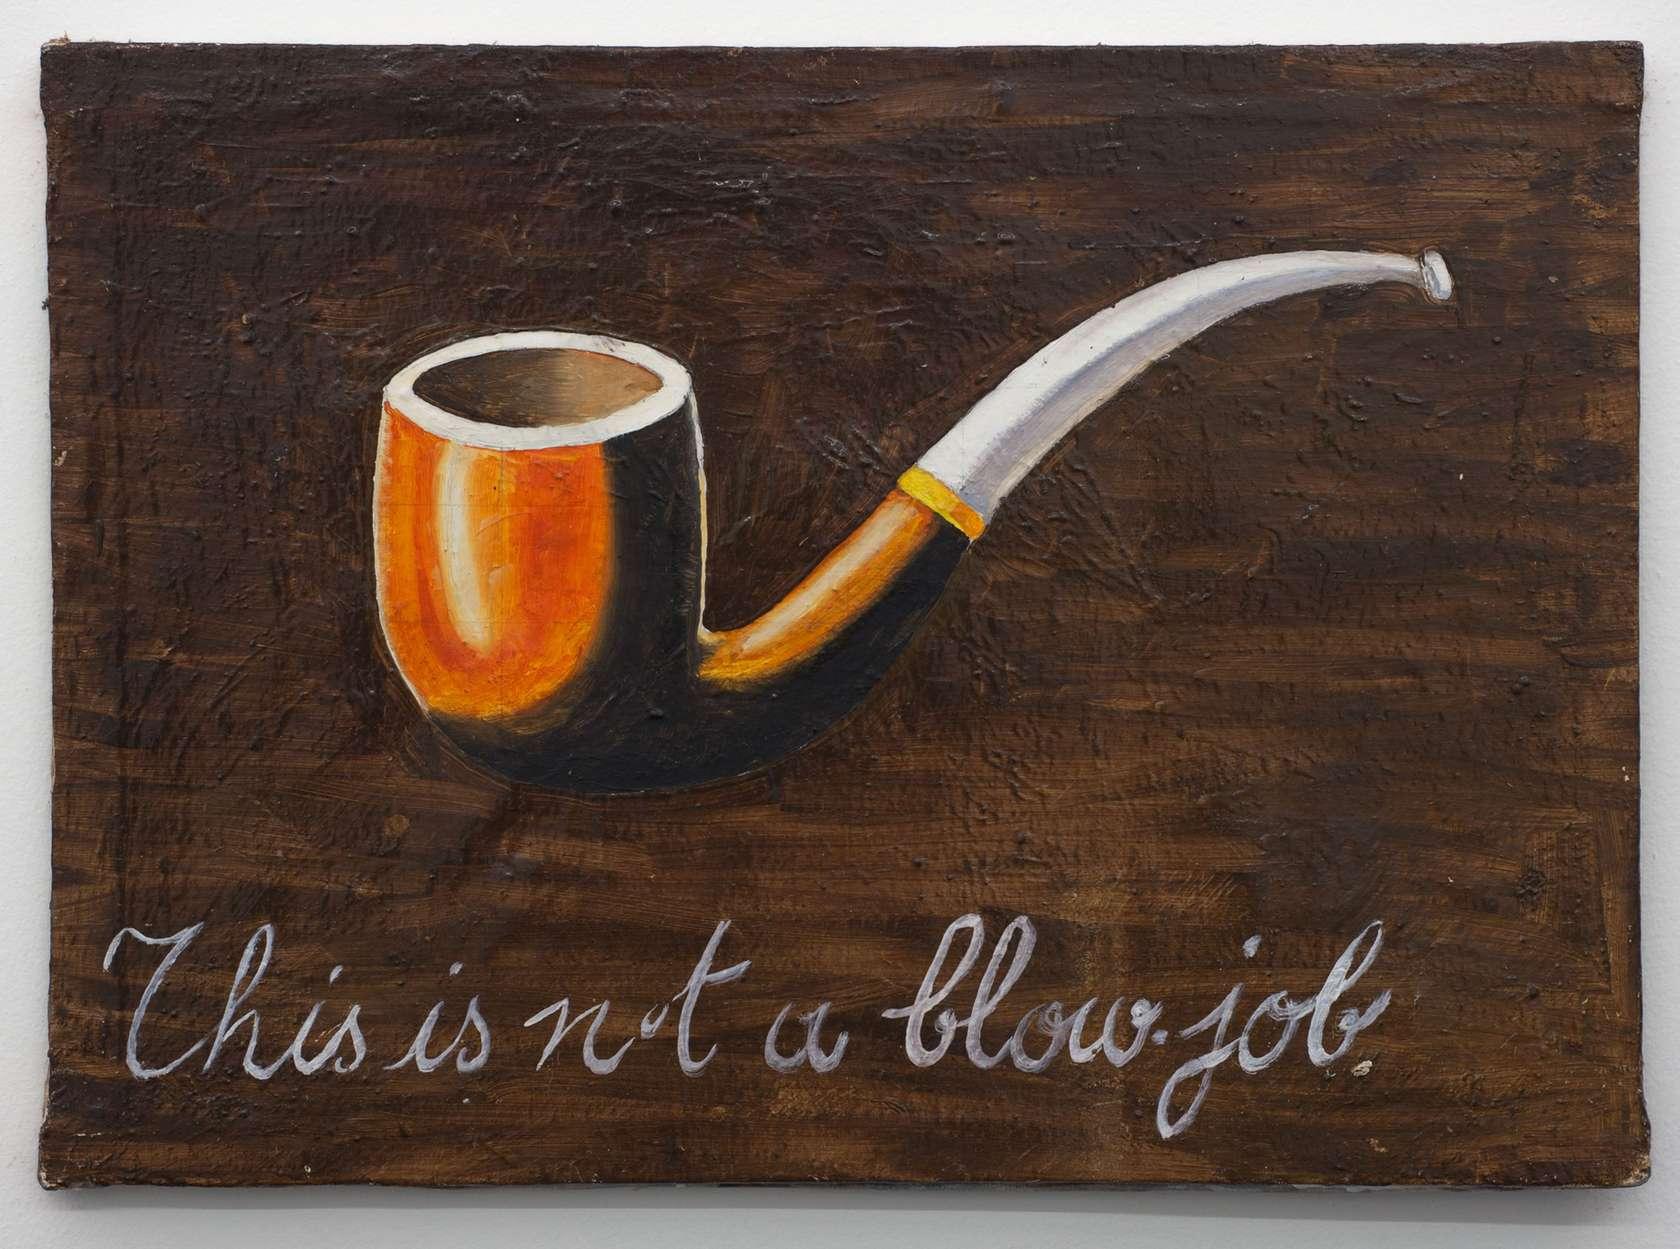 Présence Panchounette, This is not a blowjob, 1979 Huile et acrylique sur toile39 x 55 cm / 15 3/8 x 21 5/8 inches